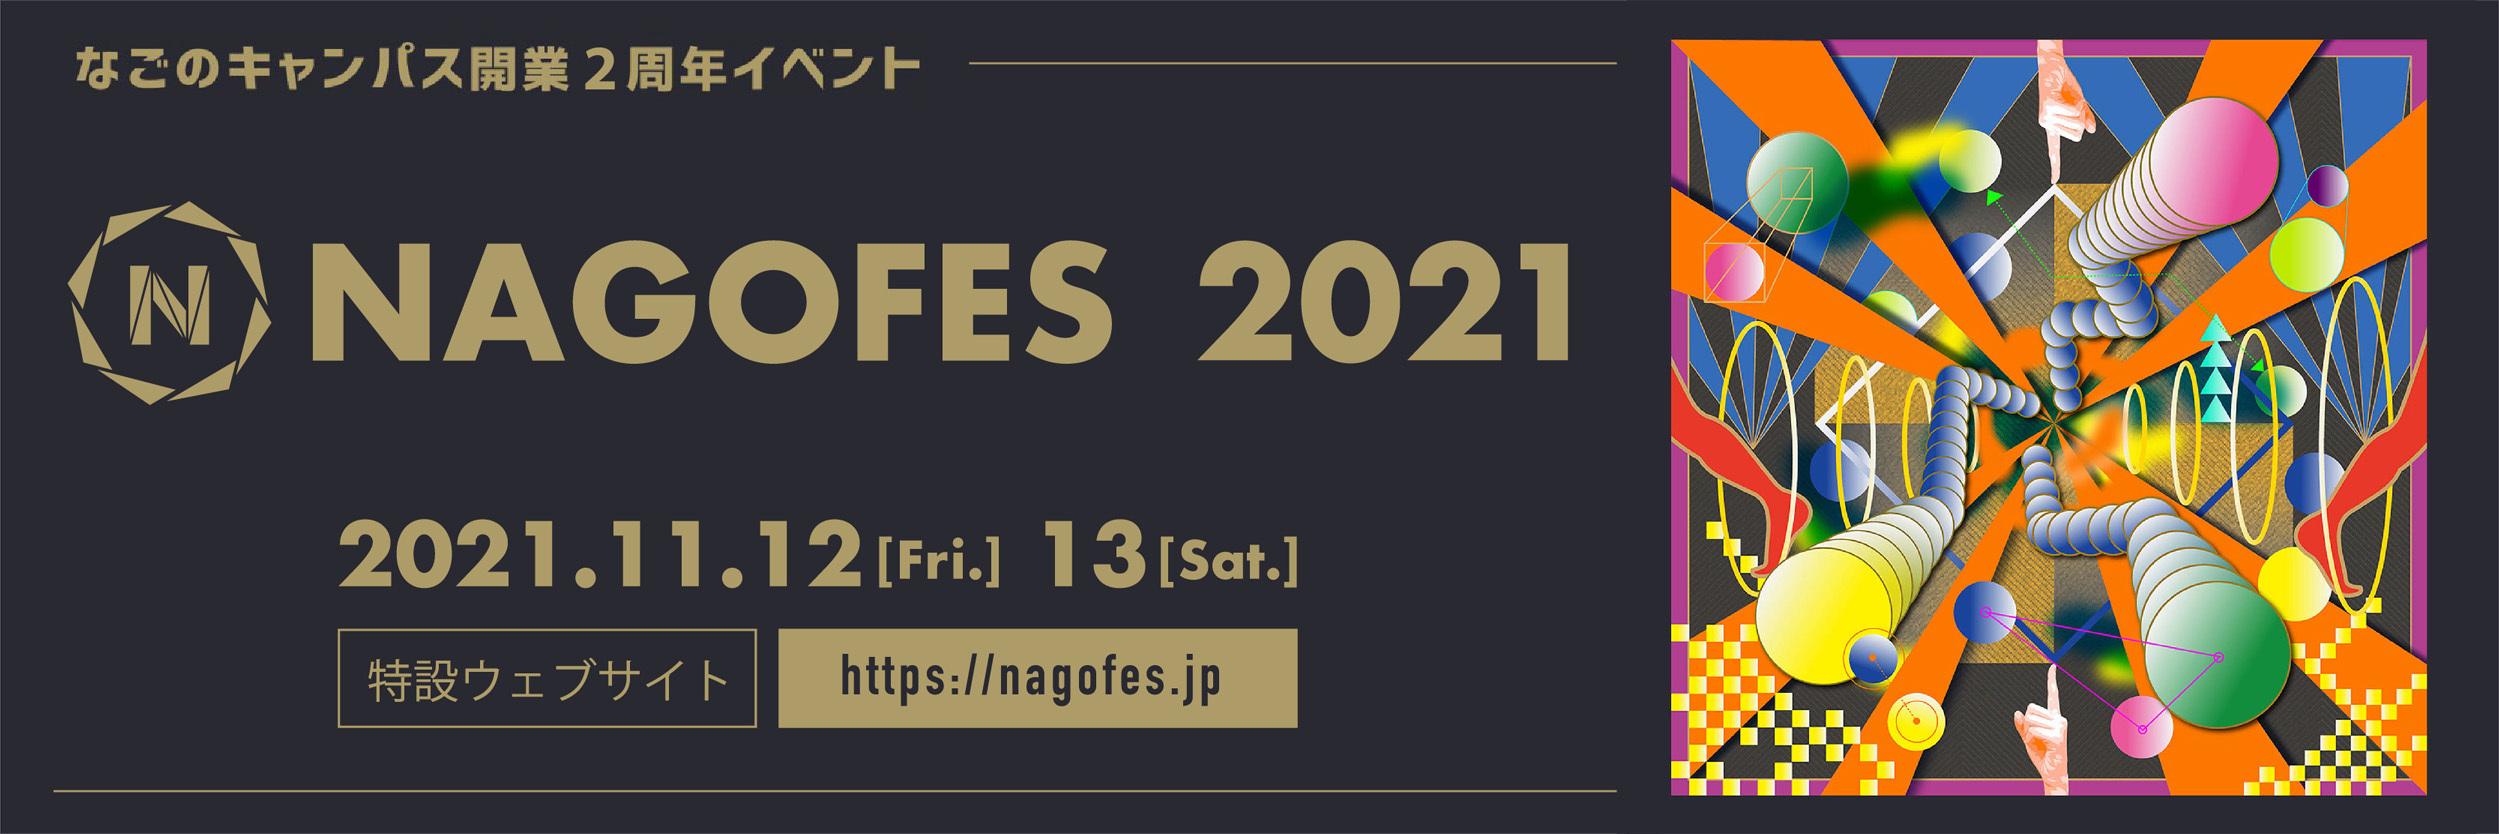 2周年記念イベント「NAGOFES2021」特設サイトはこちら